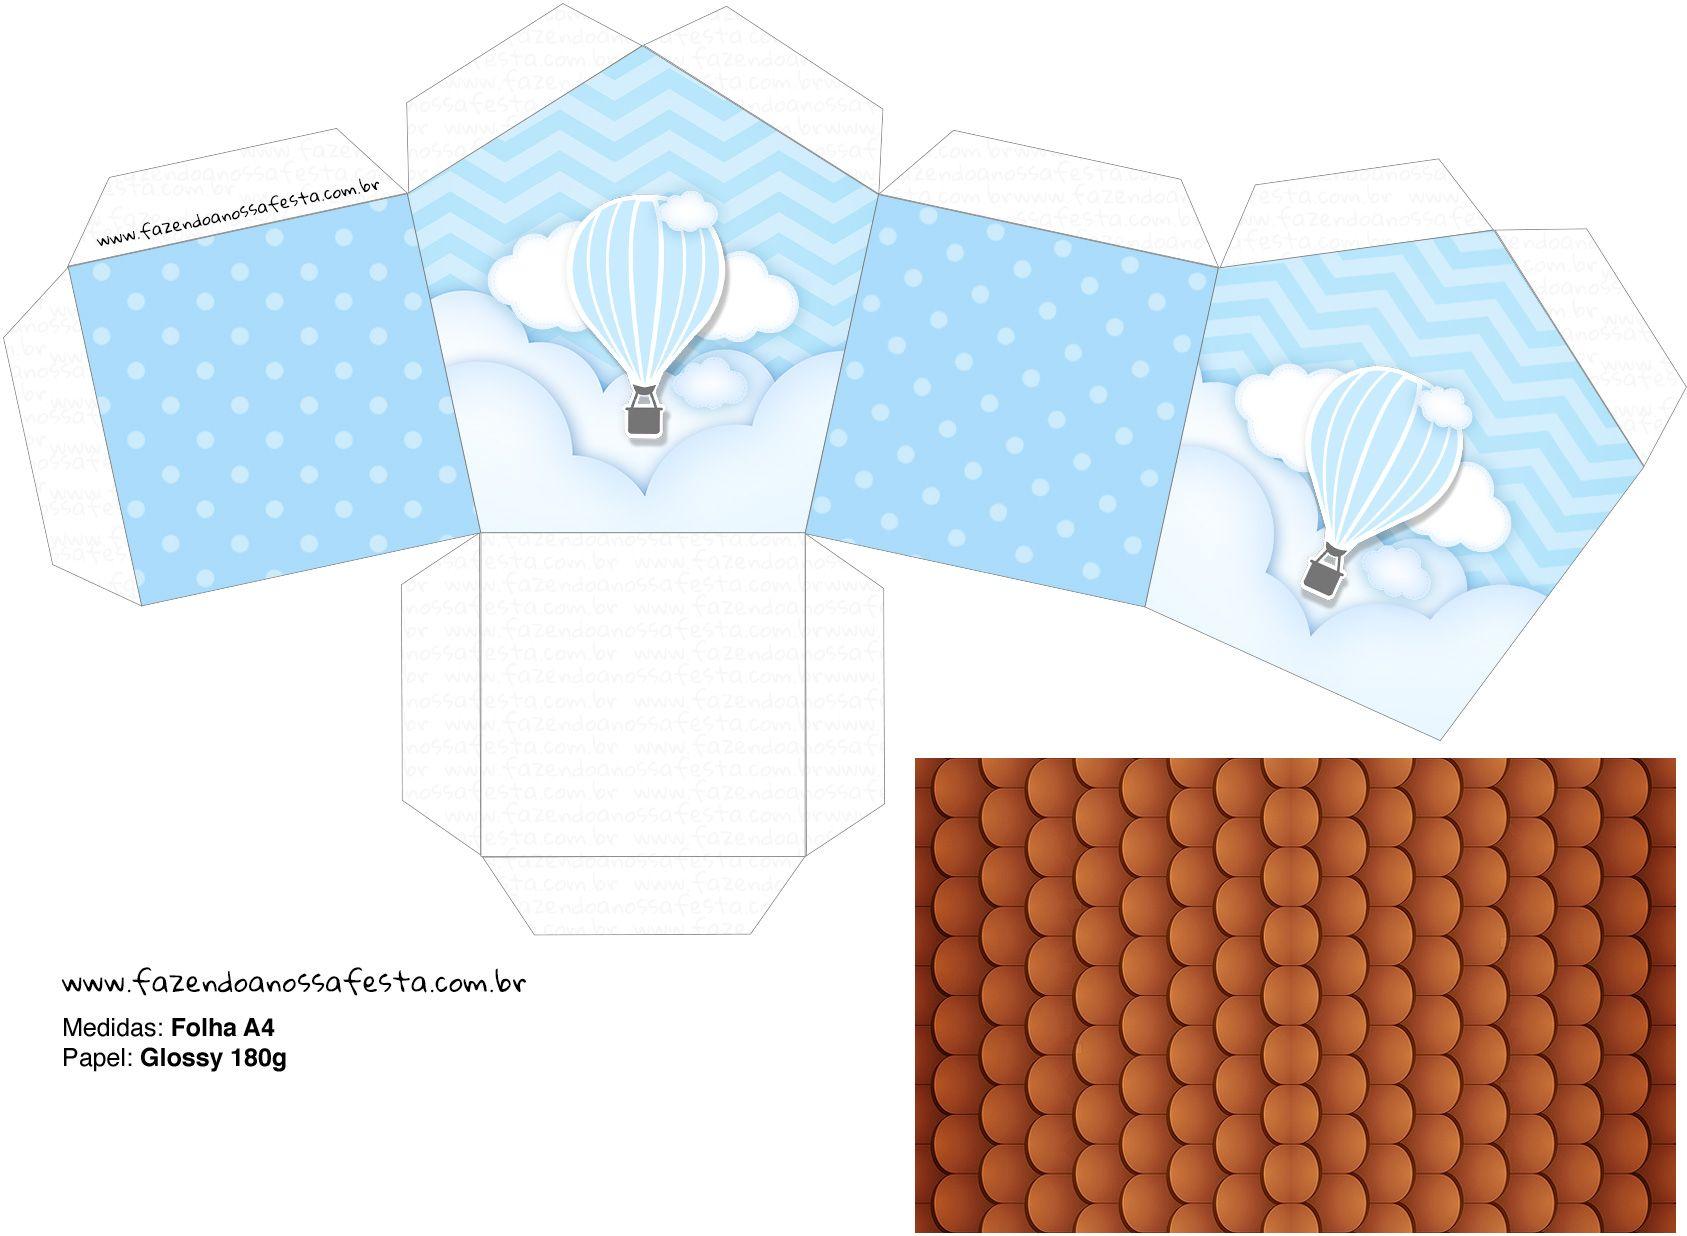 Molde Casinha Balao De Ar Quente Azul Em 2020 Balao De Ar Quente